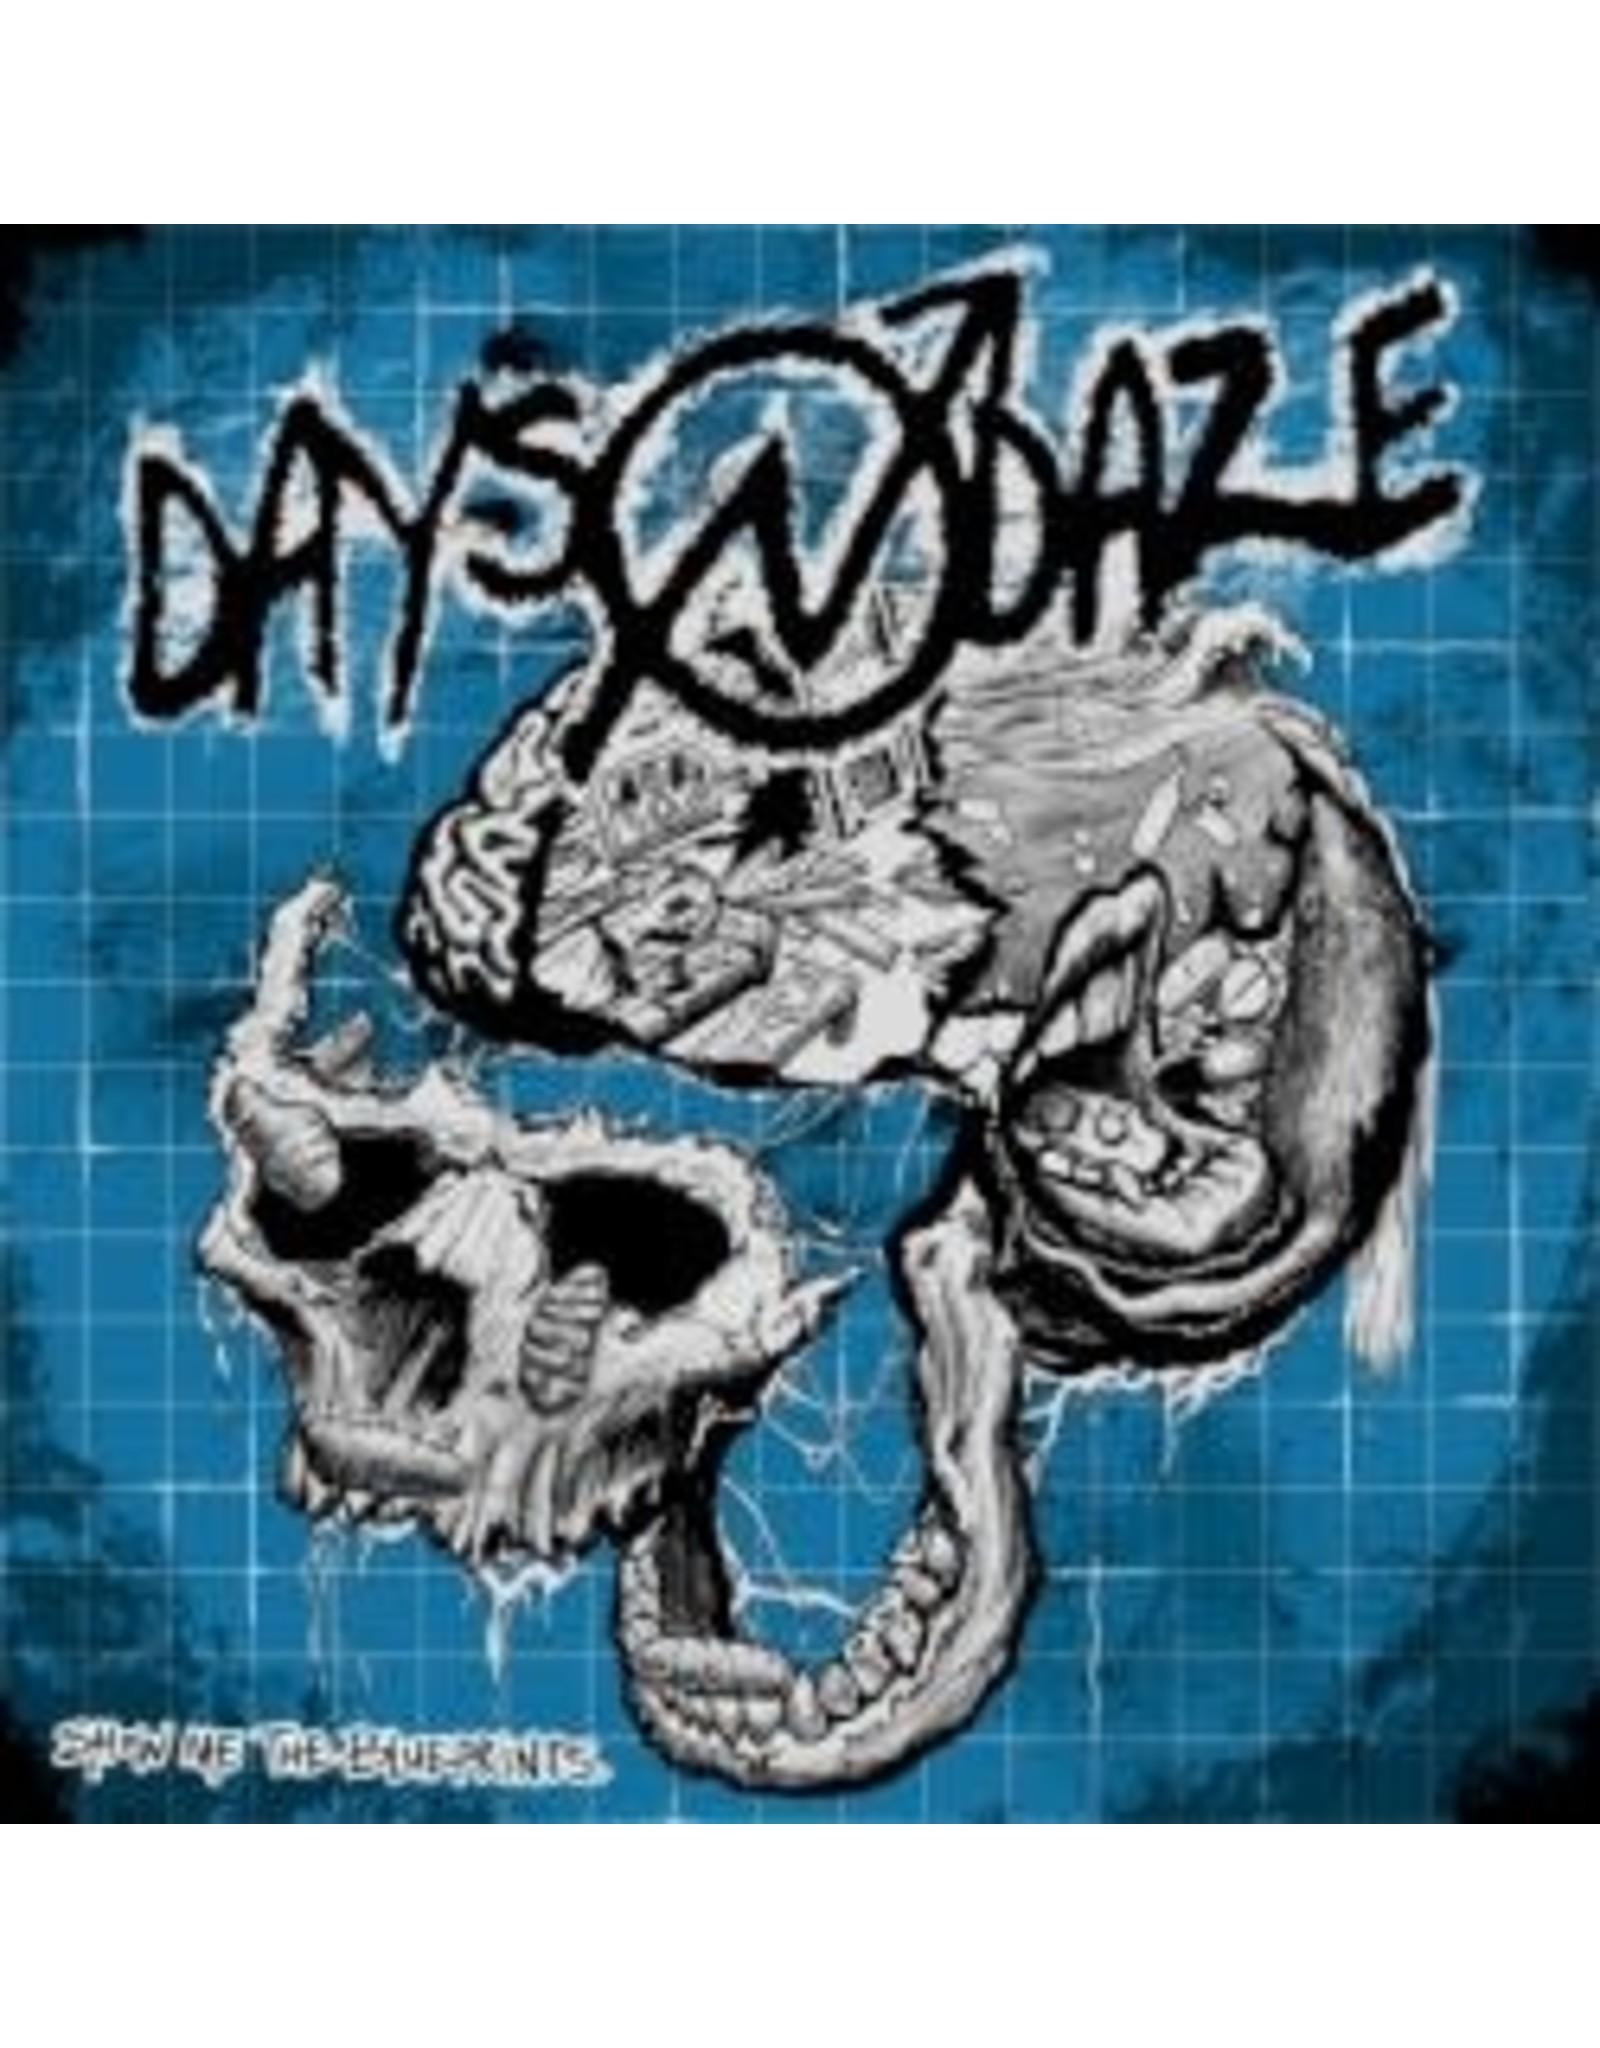 Days N Daze - Show Me the Blueprints LP